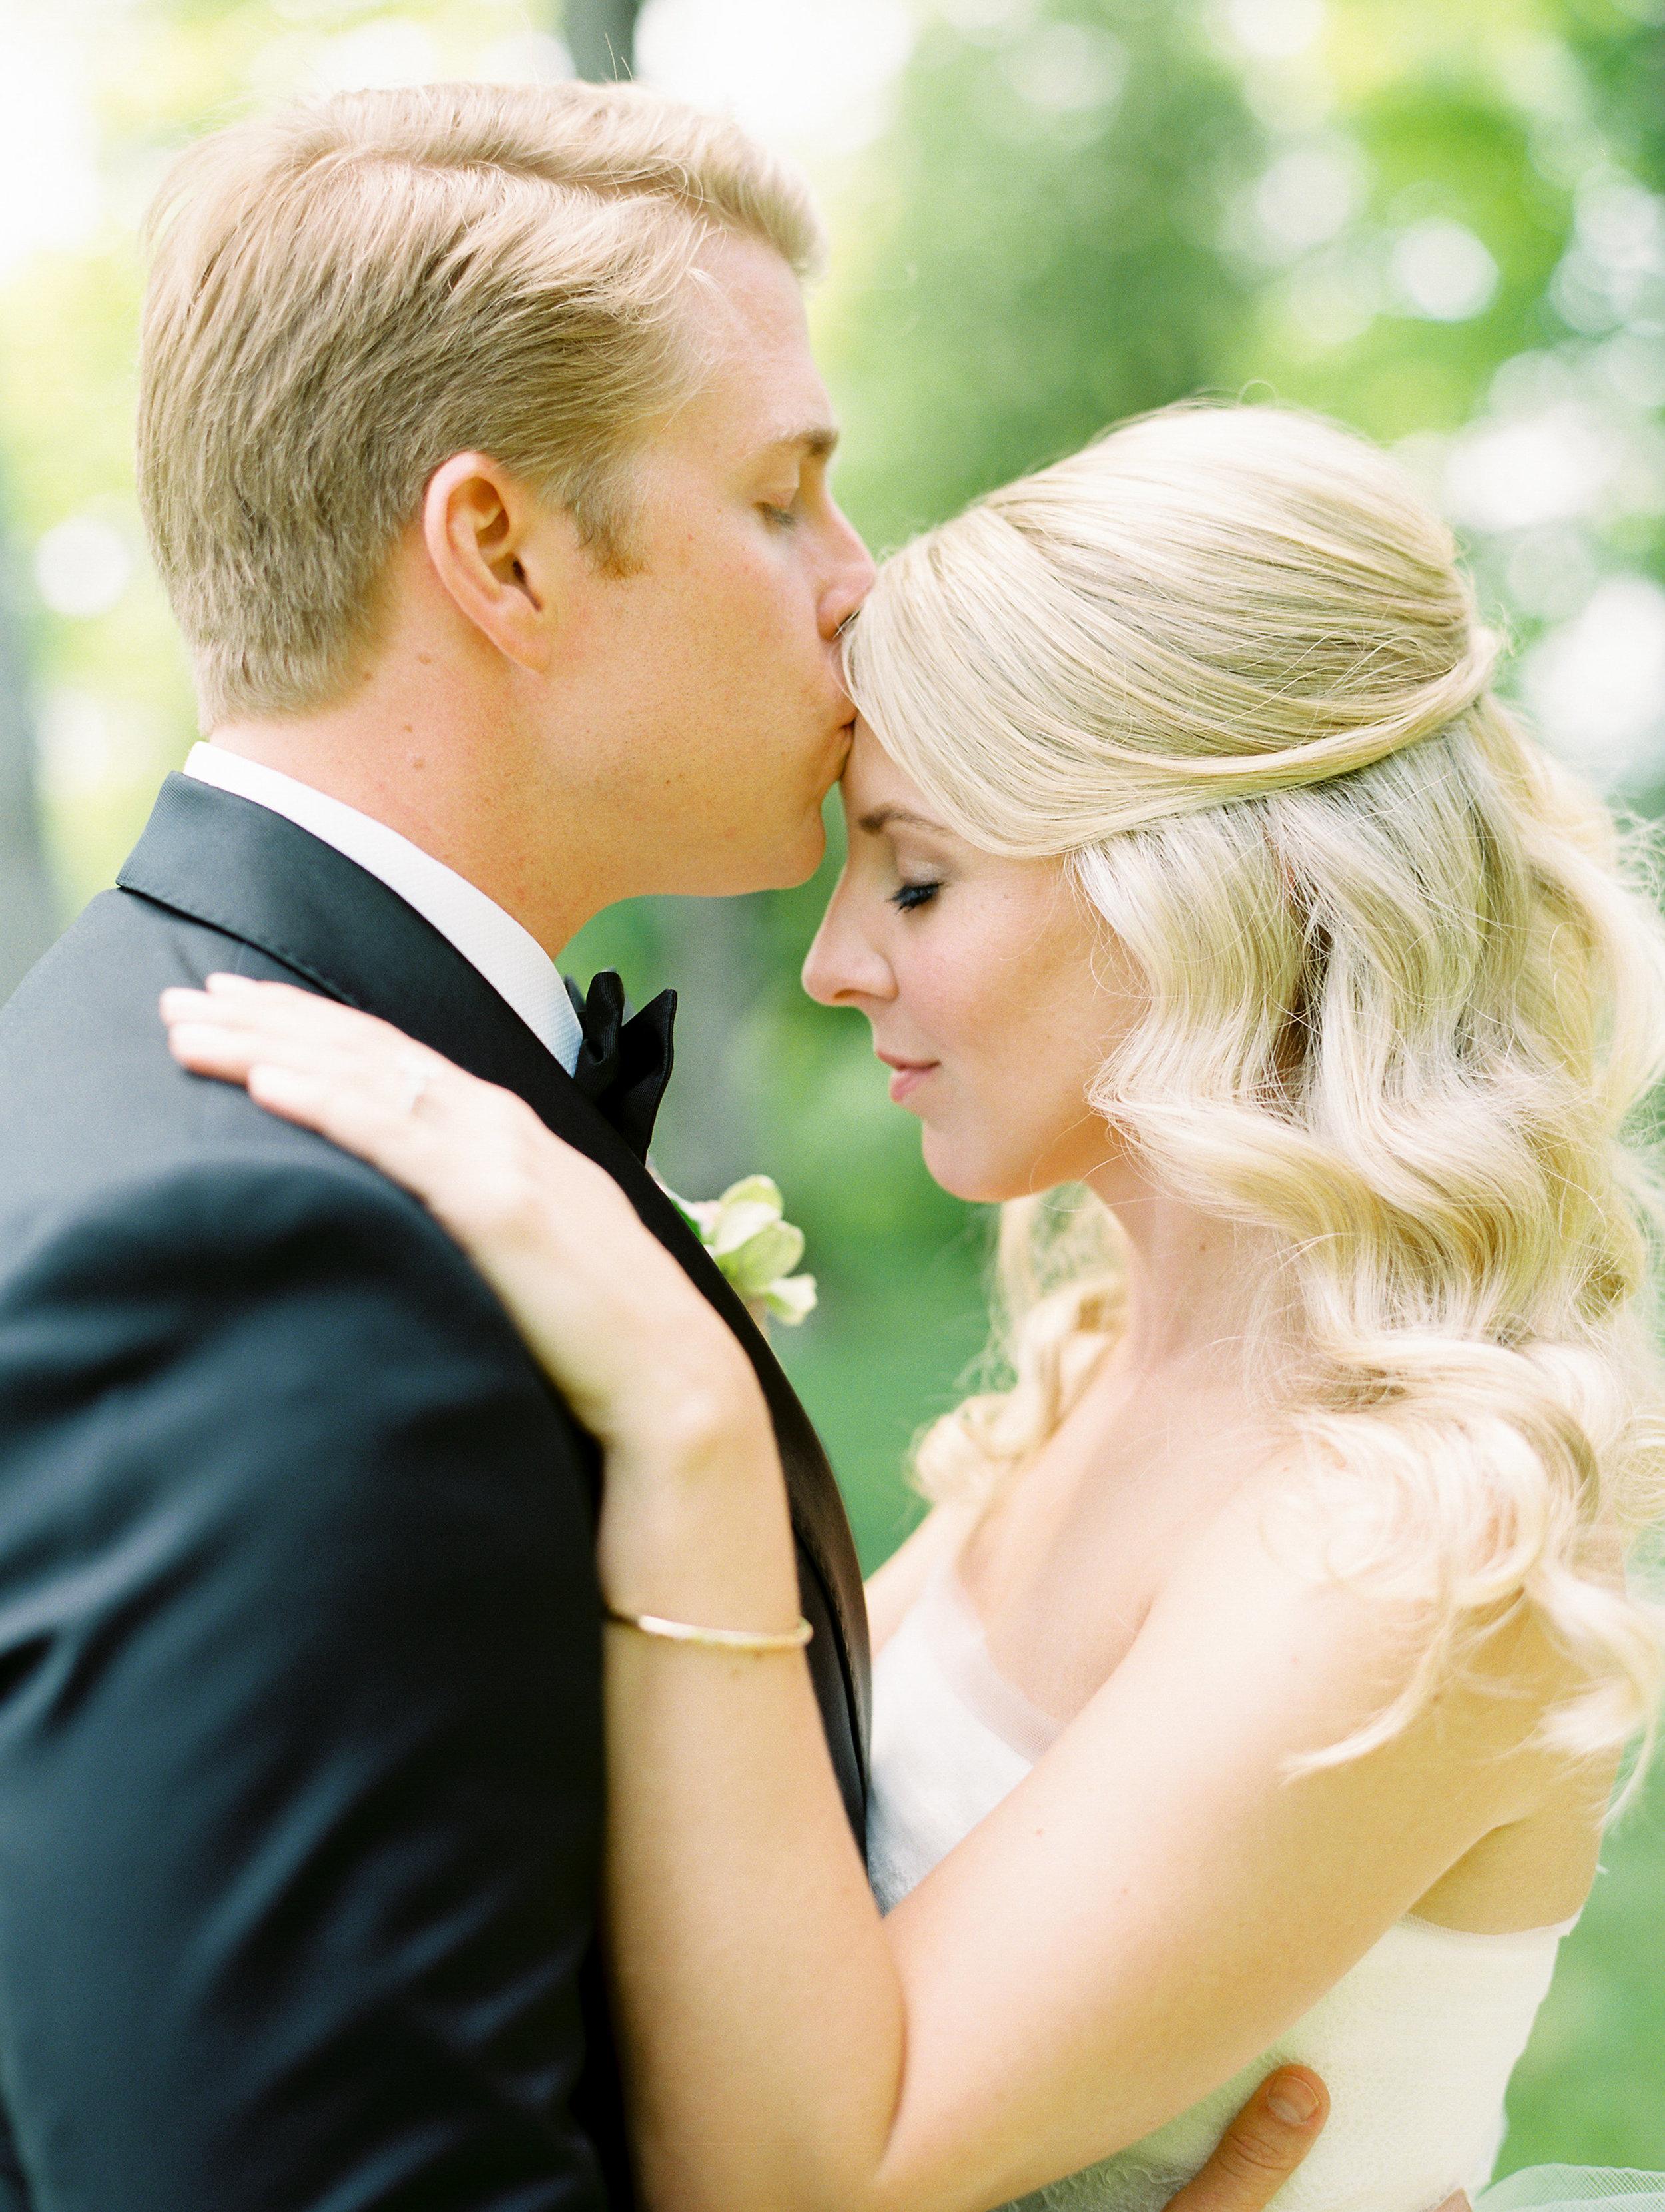 Coffman+Wedding+BrideGrooma-12.jpg